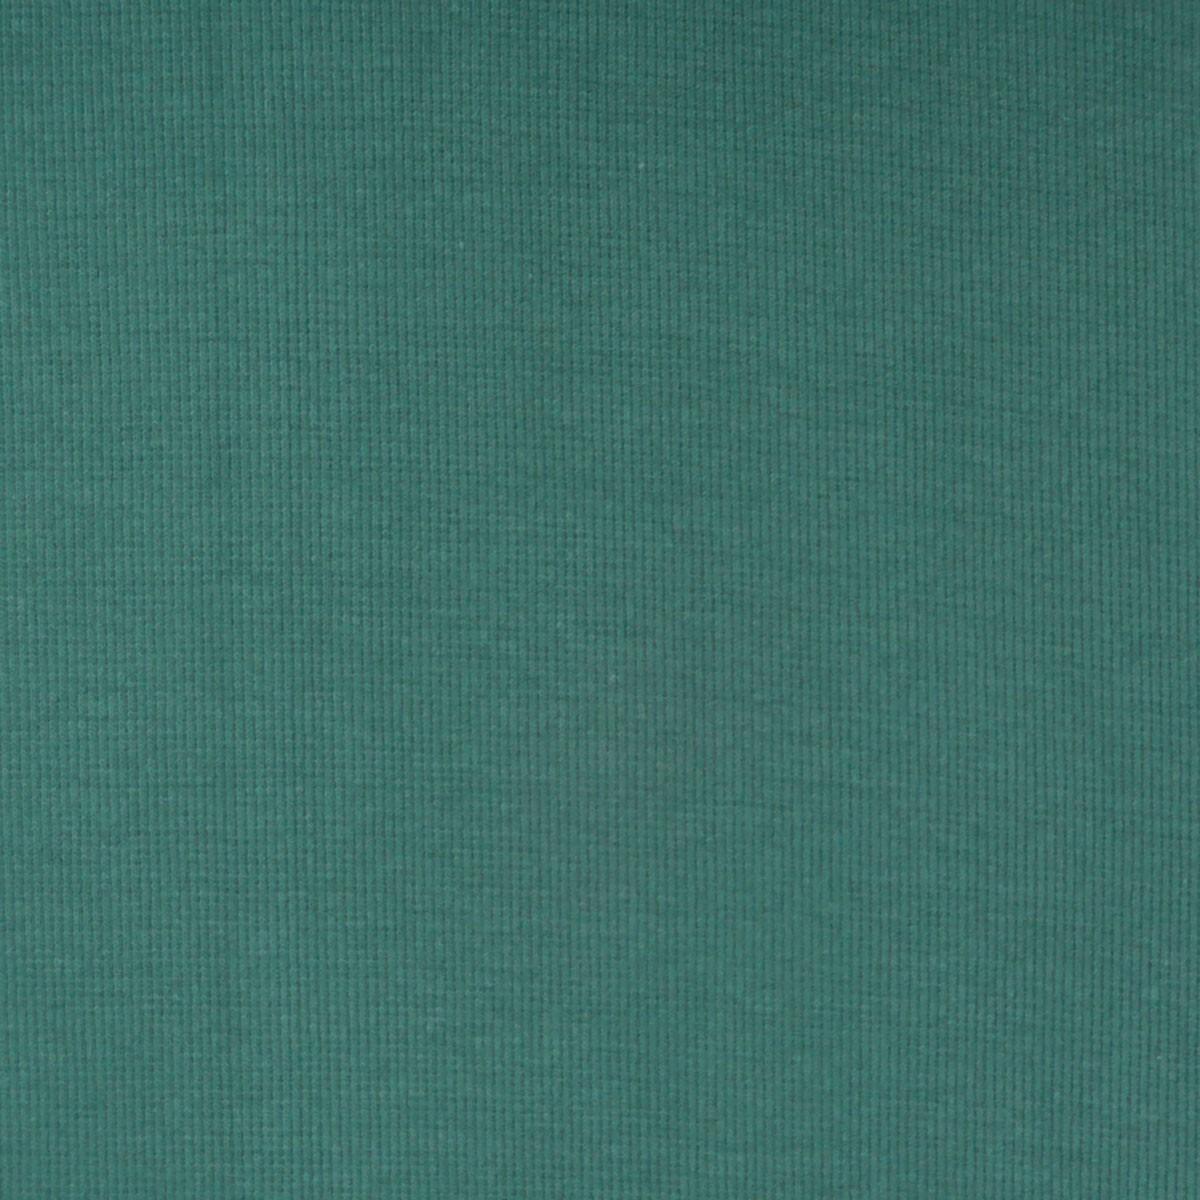 Strickschlauch Bündchenstoff grob tannengrün 27cm Breite